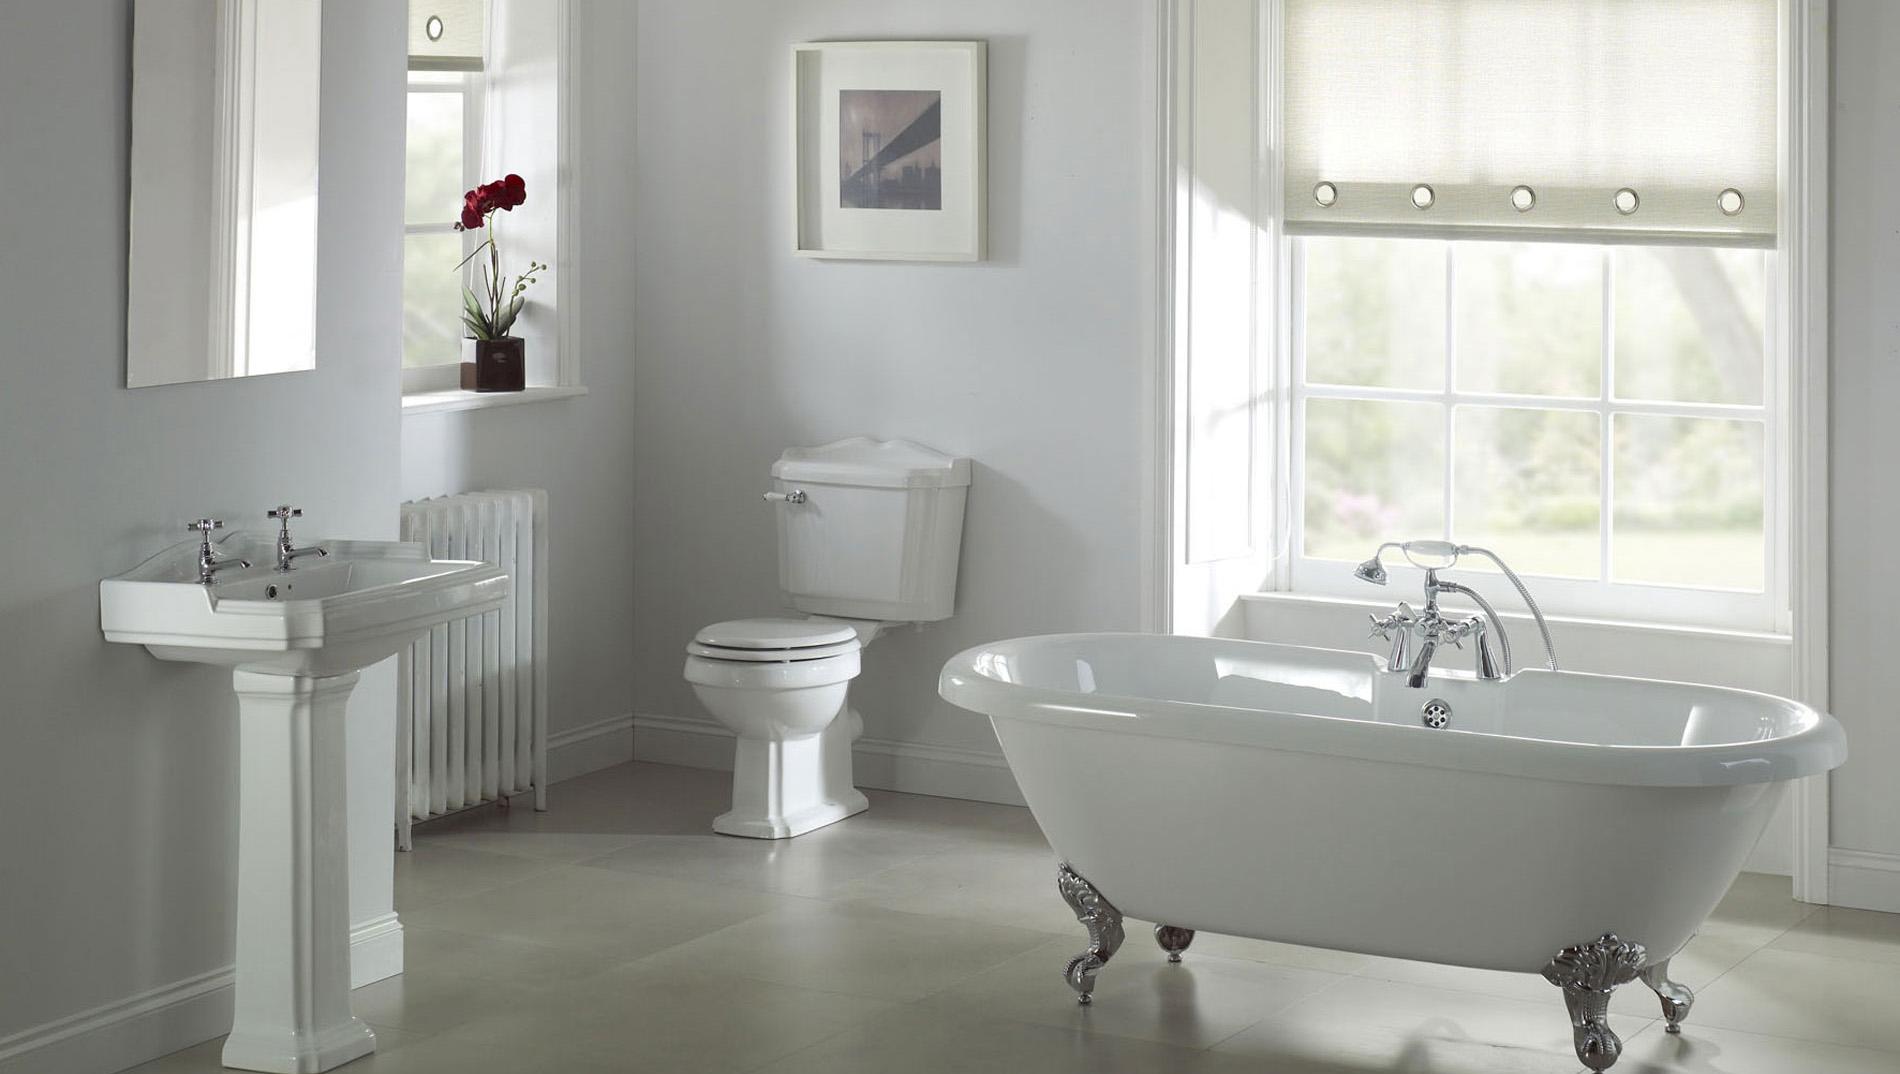 Feel the real relaxation with ocean bathroom decor for Calming bathroom ideas